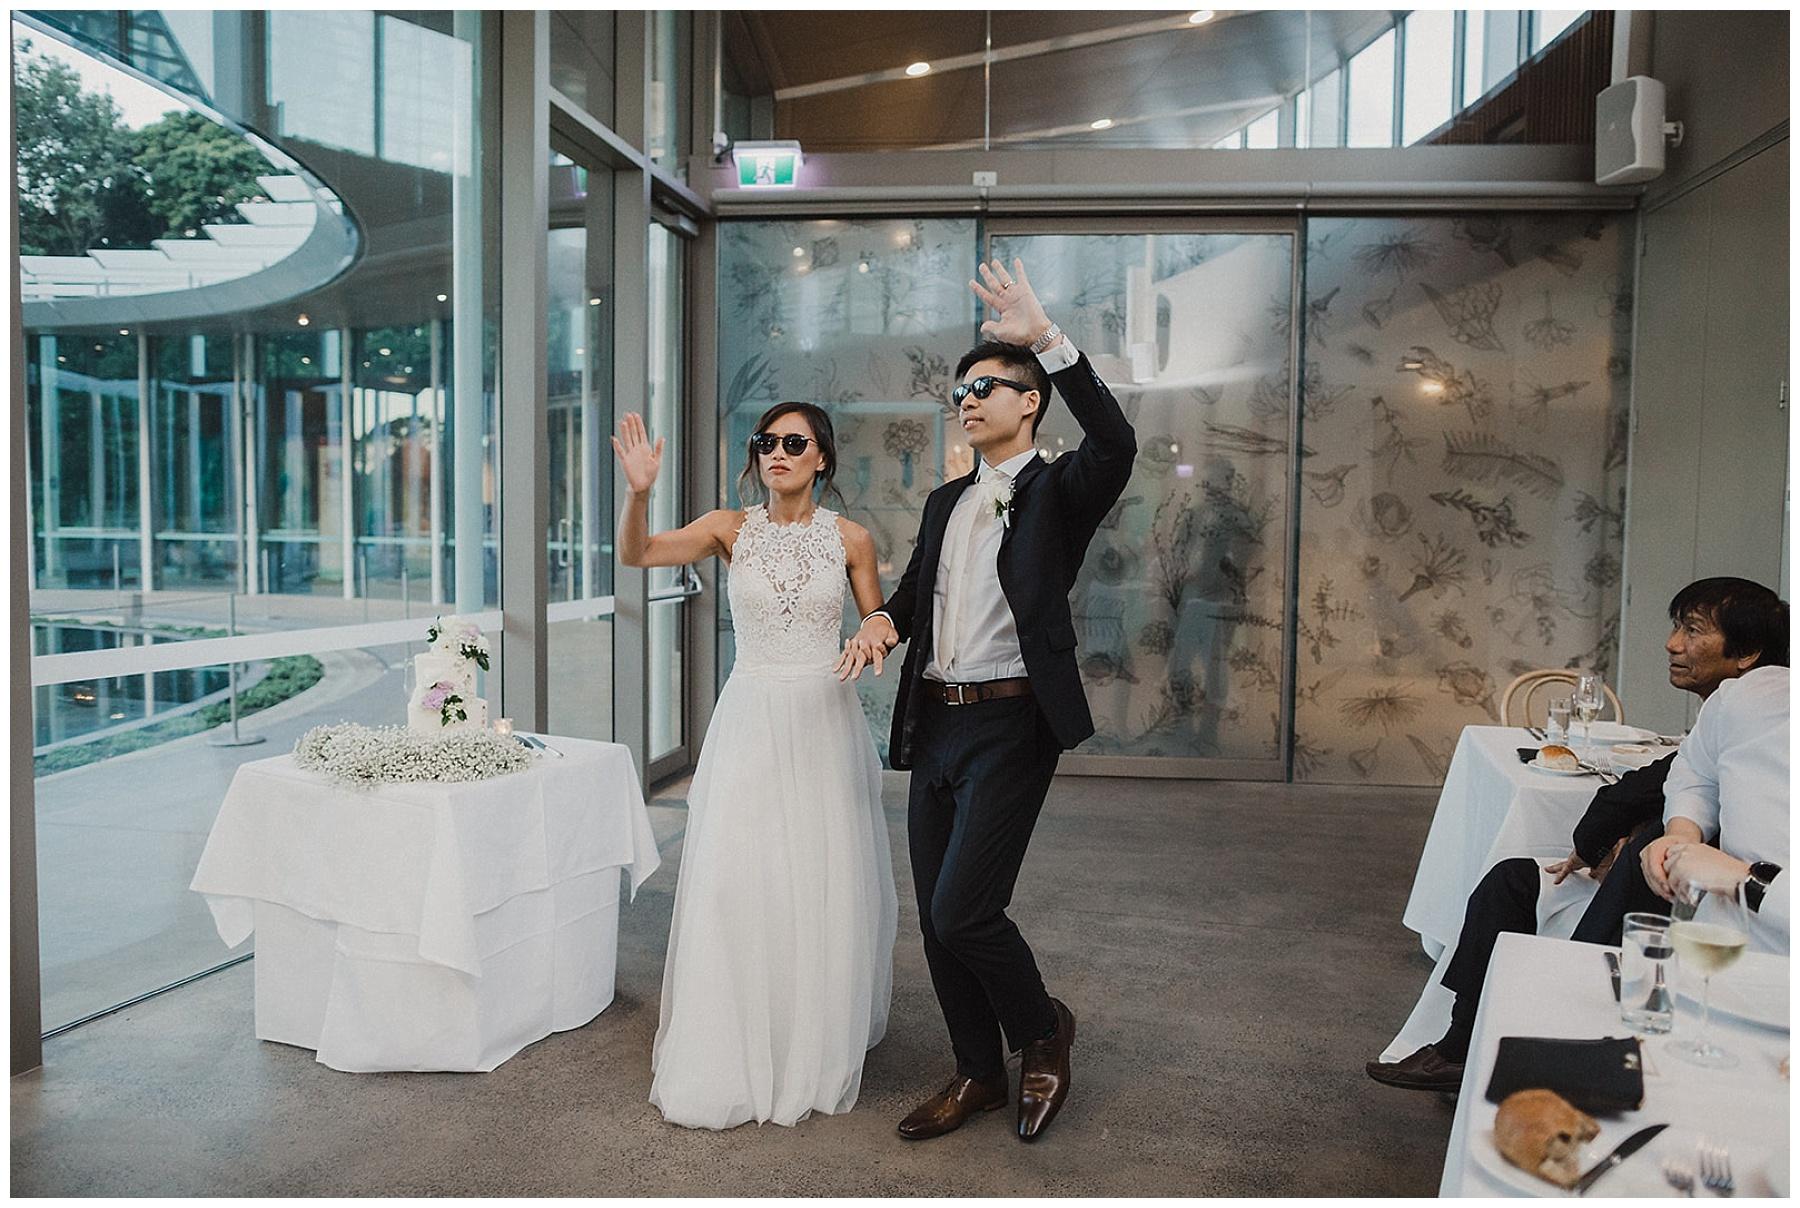 Sydney Bride and Groom entrance to wedding reception